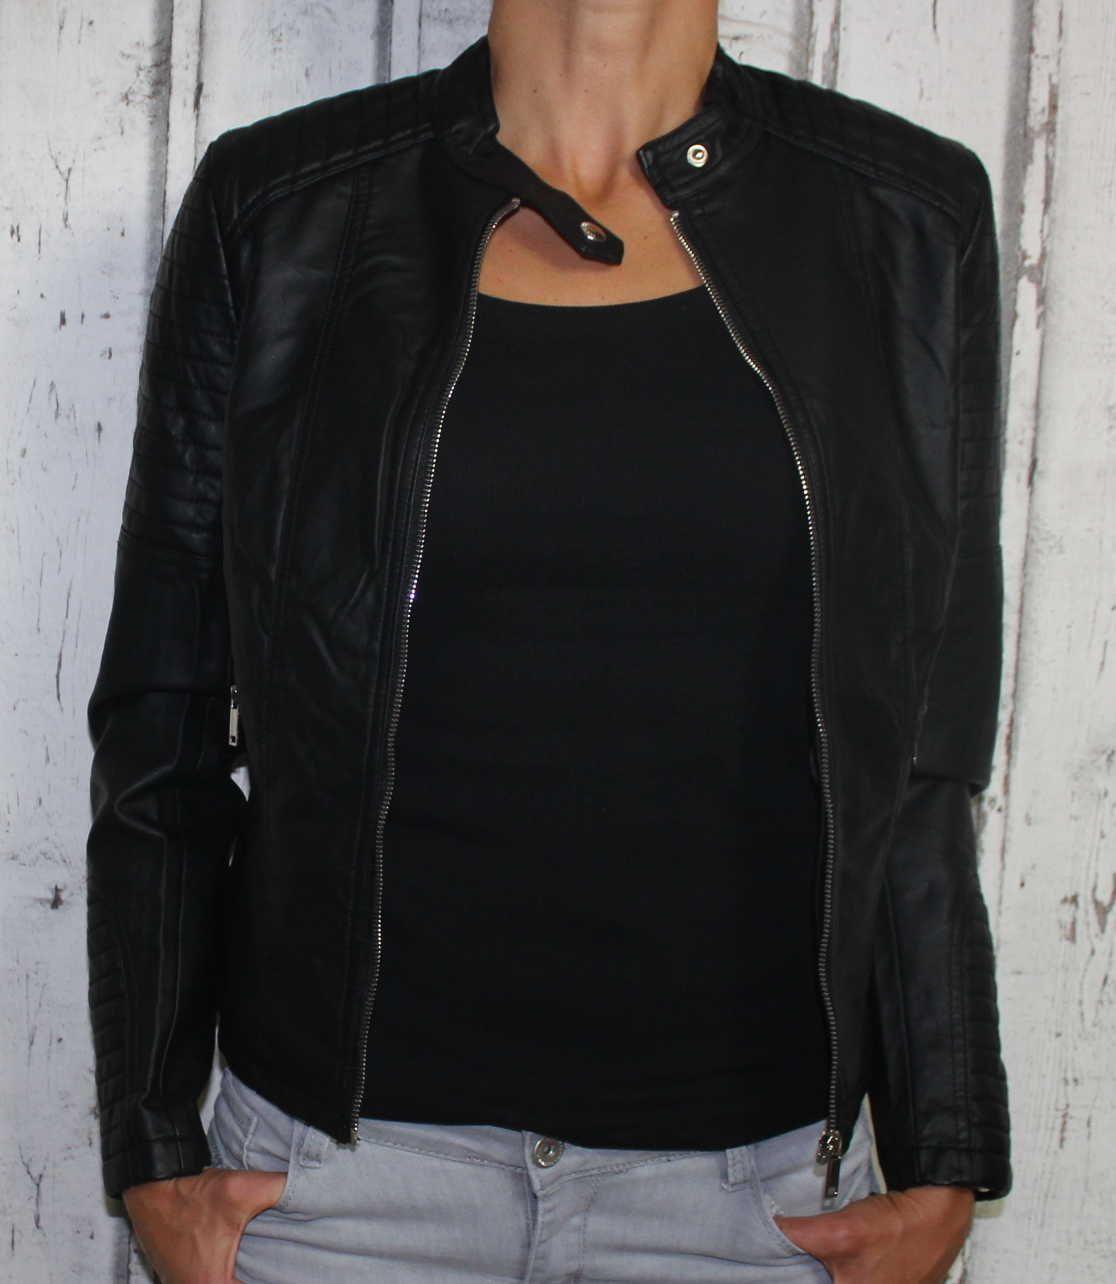 dámská koženková bunda, černá bunda z imitace kůže, dámská bundička, kožená bunda